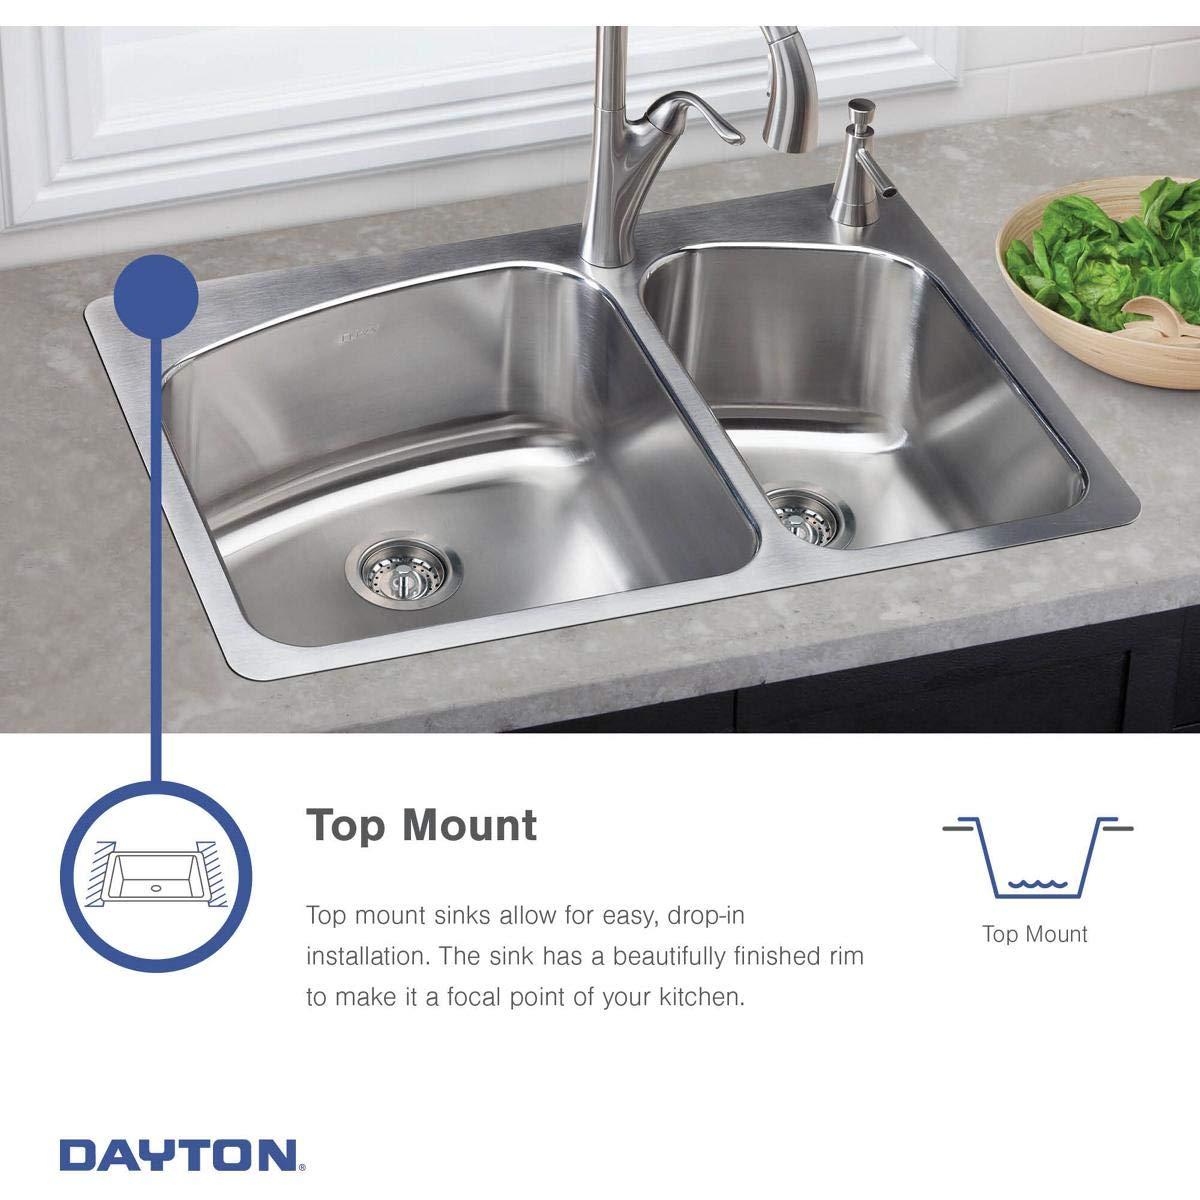 Elkay DE217323 Dayton Equal Double Bowl Stainless Steel Corner Sink by Elkay (Image #7)